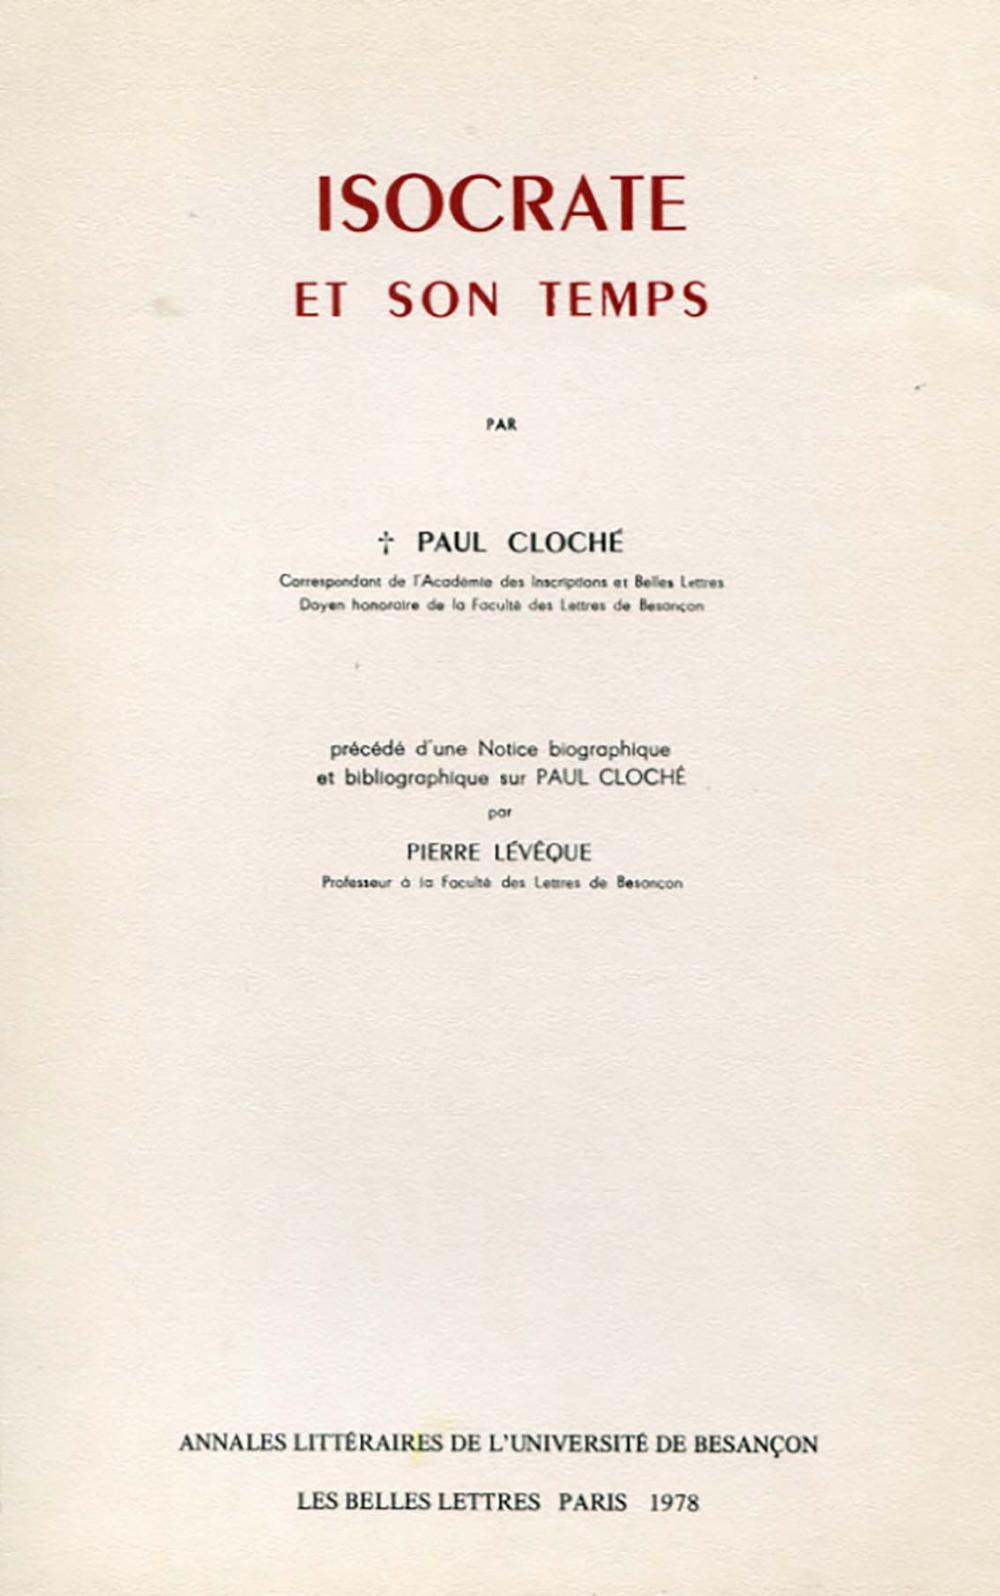 Isocrate et son temps